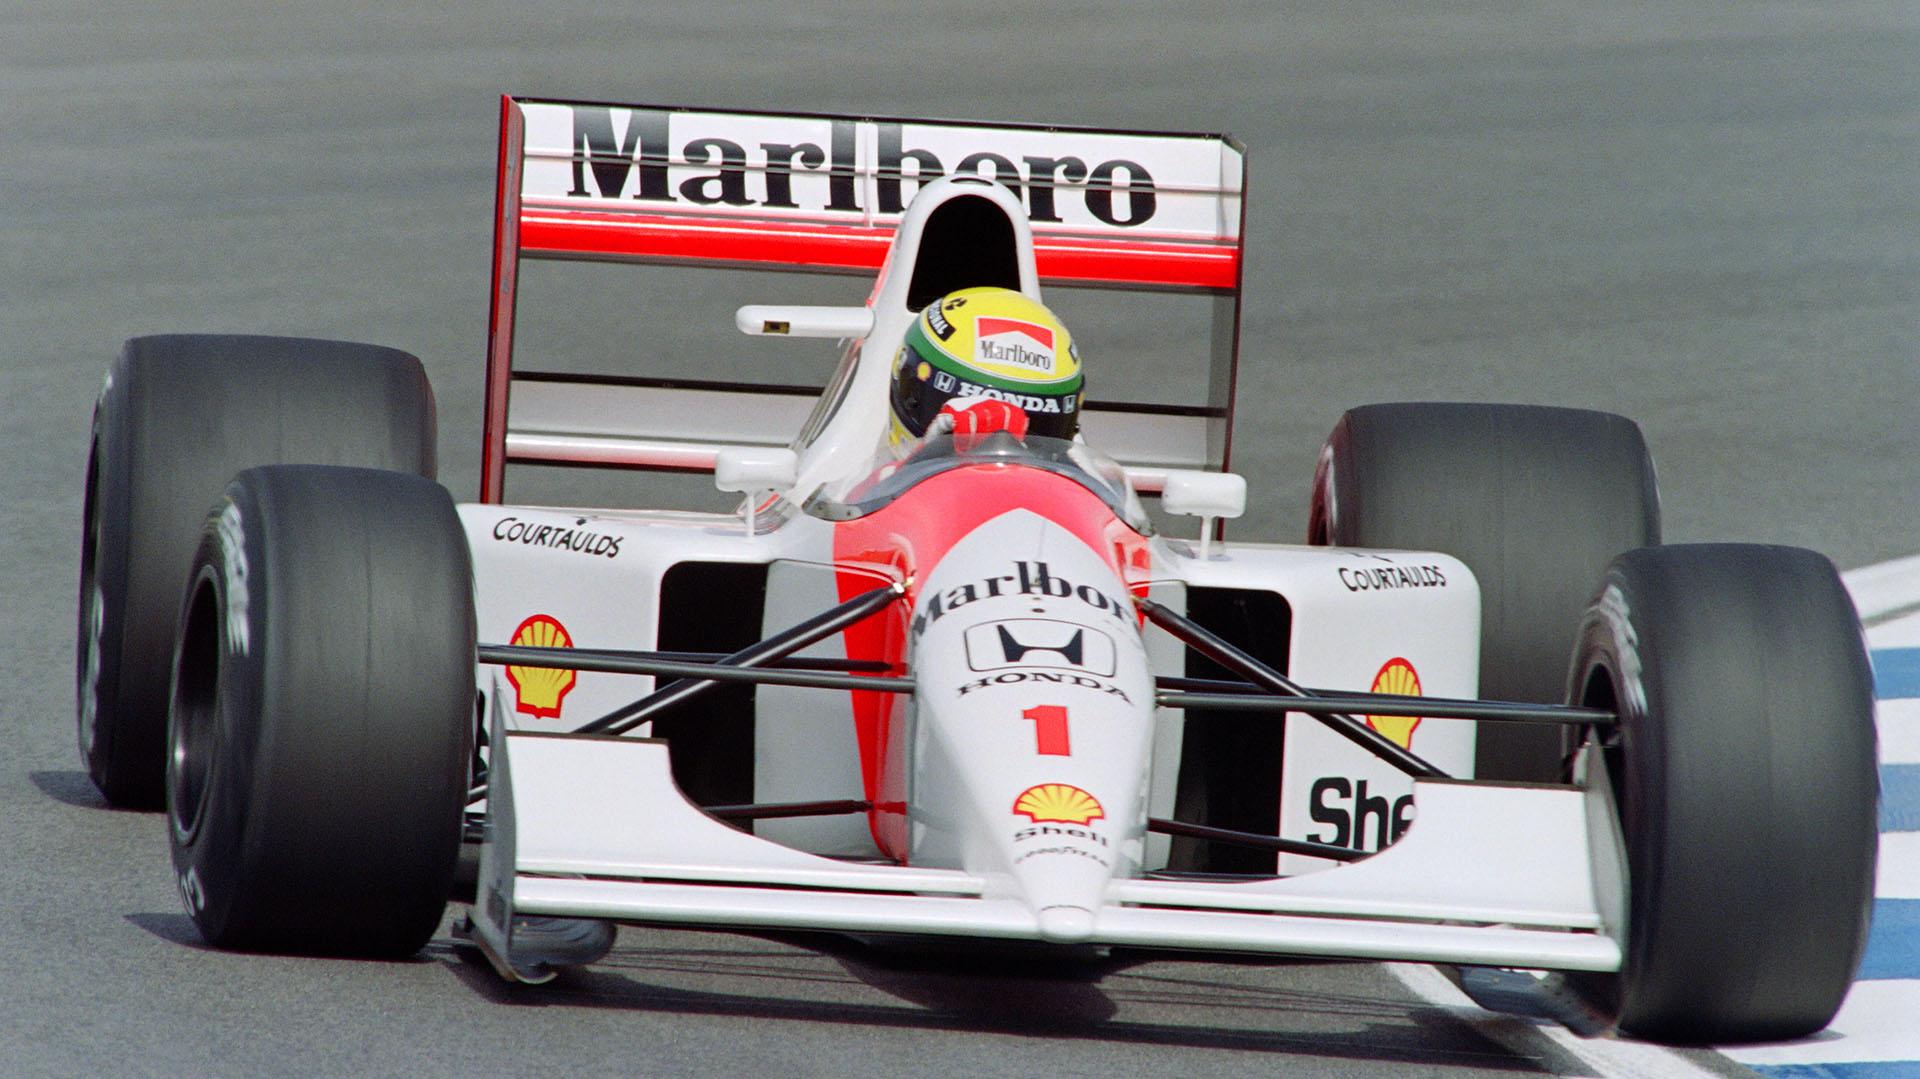 El 1 en la trompa del McLaren: Senna fue campeón de la Fórmula 1 en 1988, 1990 y 1991